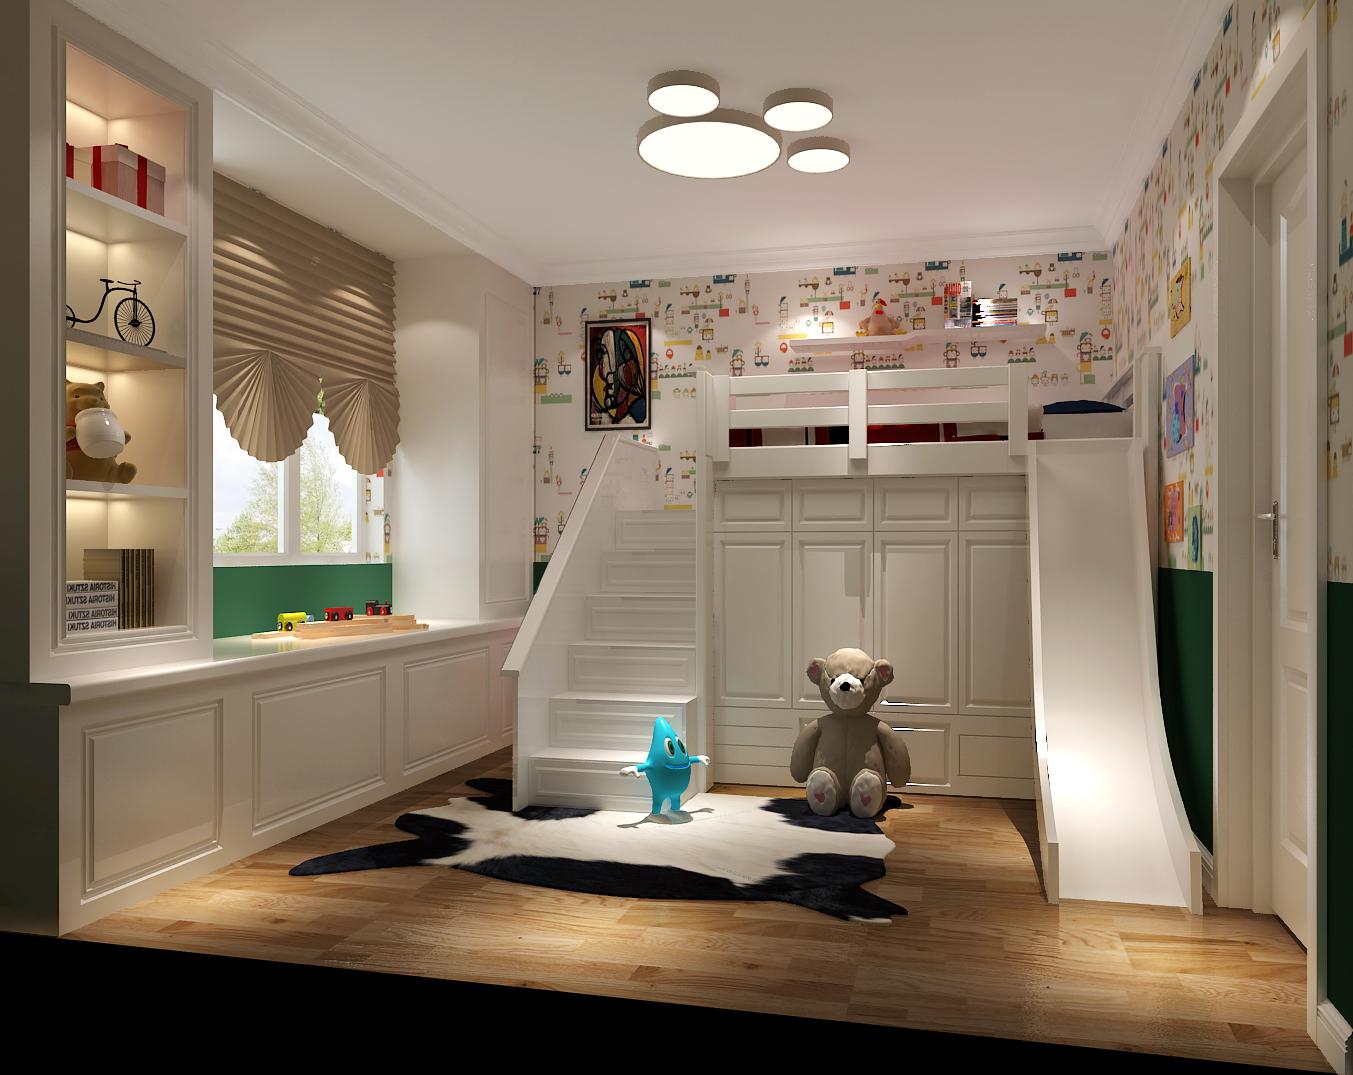 金色漫香苑 高度国际 别墅 美式 白领 80后 公寓 白富美 高富帅 儿童房图片来自北京高度国际装饰设计在金色漫香苑美式休闲公寓的分享